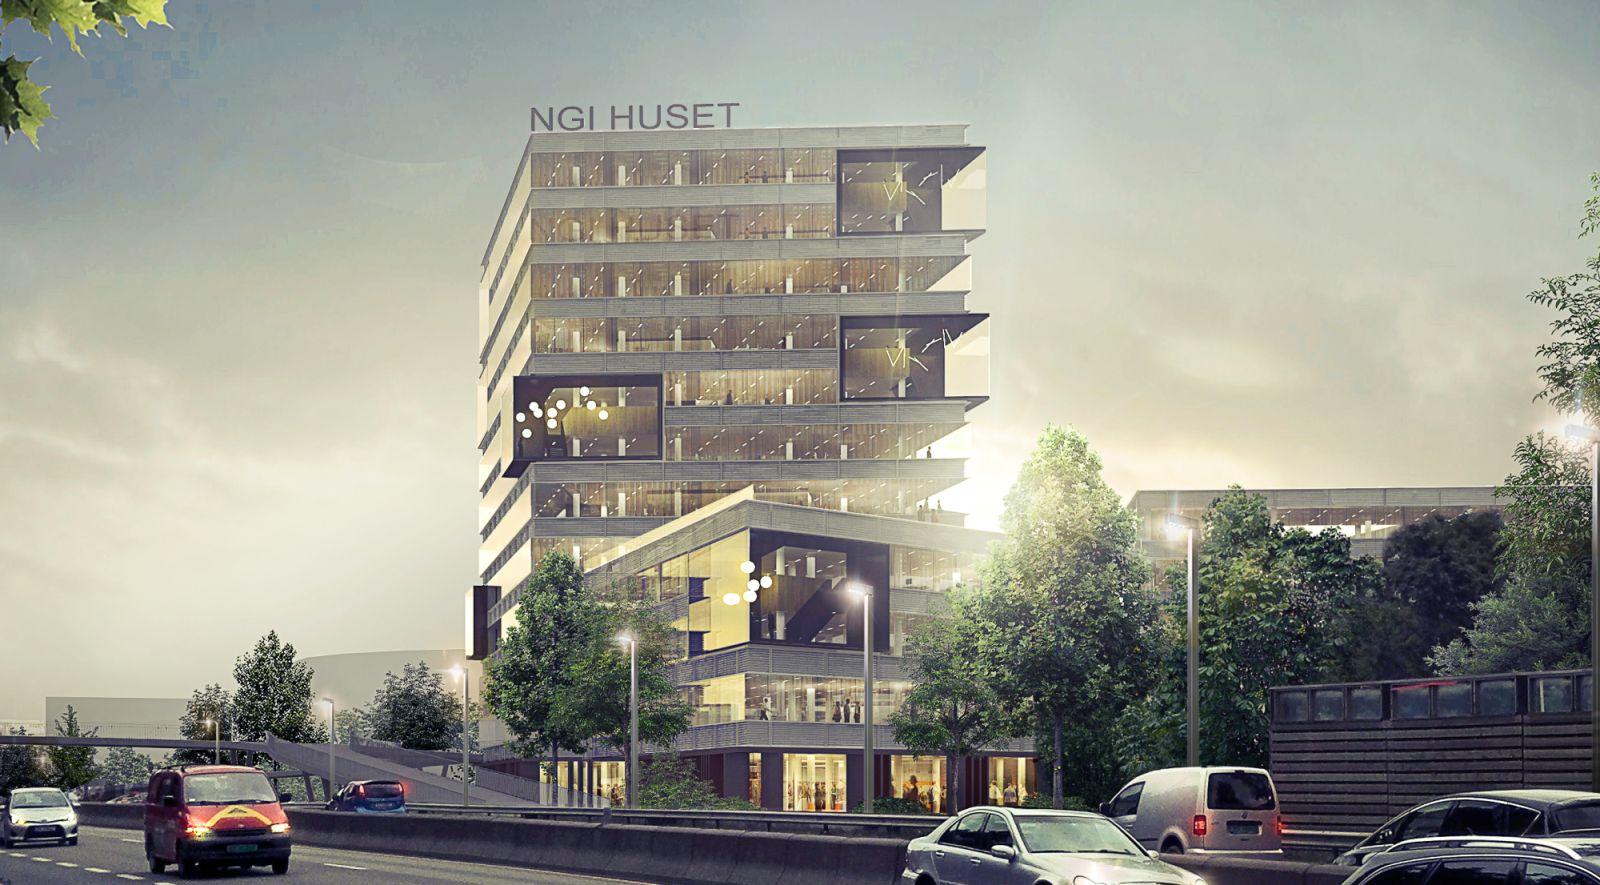 Norwegian Geotechnical Institute